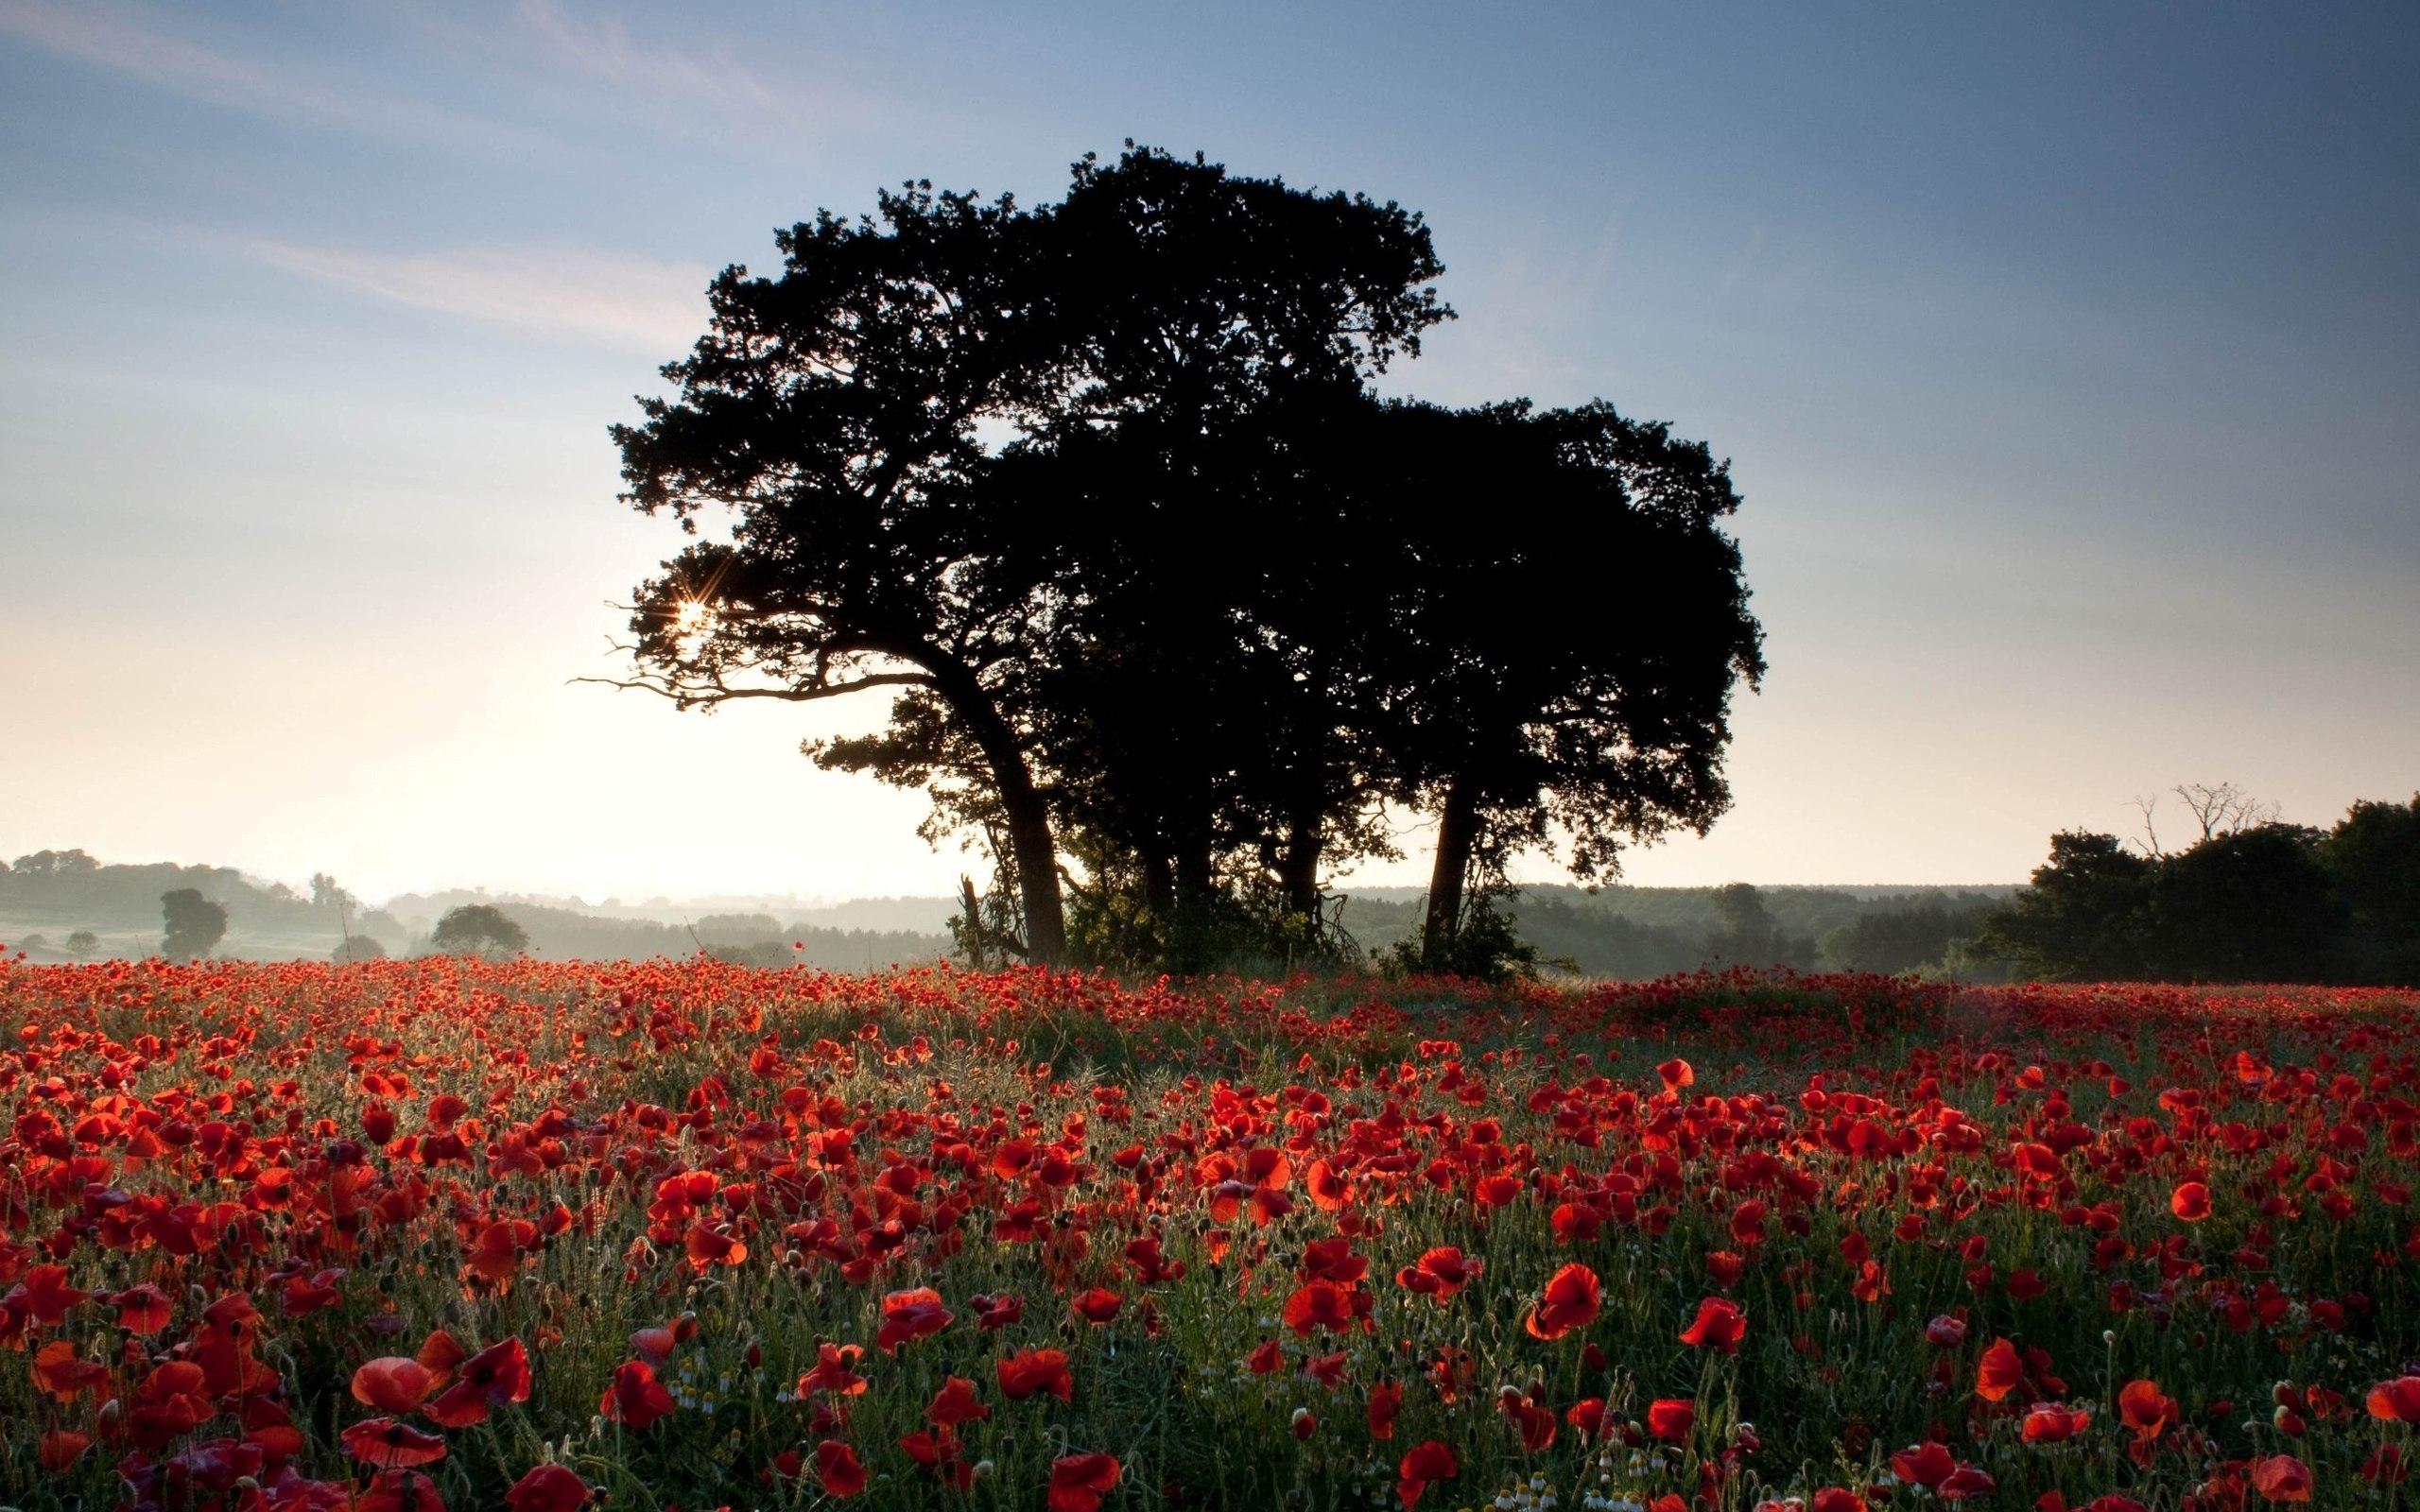 48927 скачать обои Растения, Пейзаж, Природа, Цветы, Деревья, Поля - заставки и картинки бесплатно